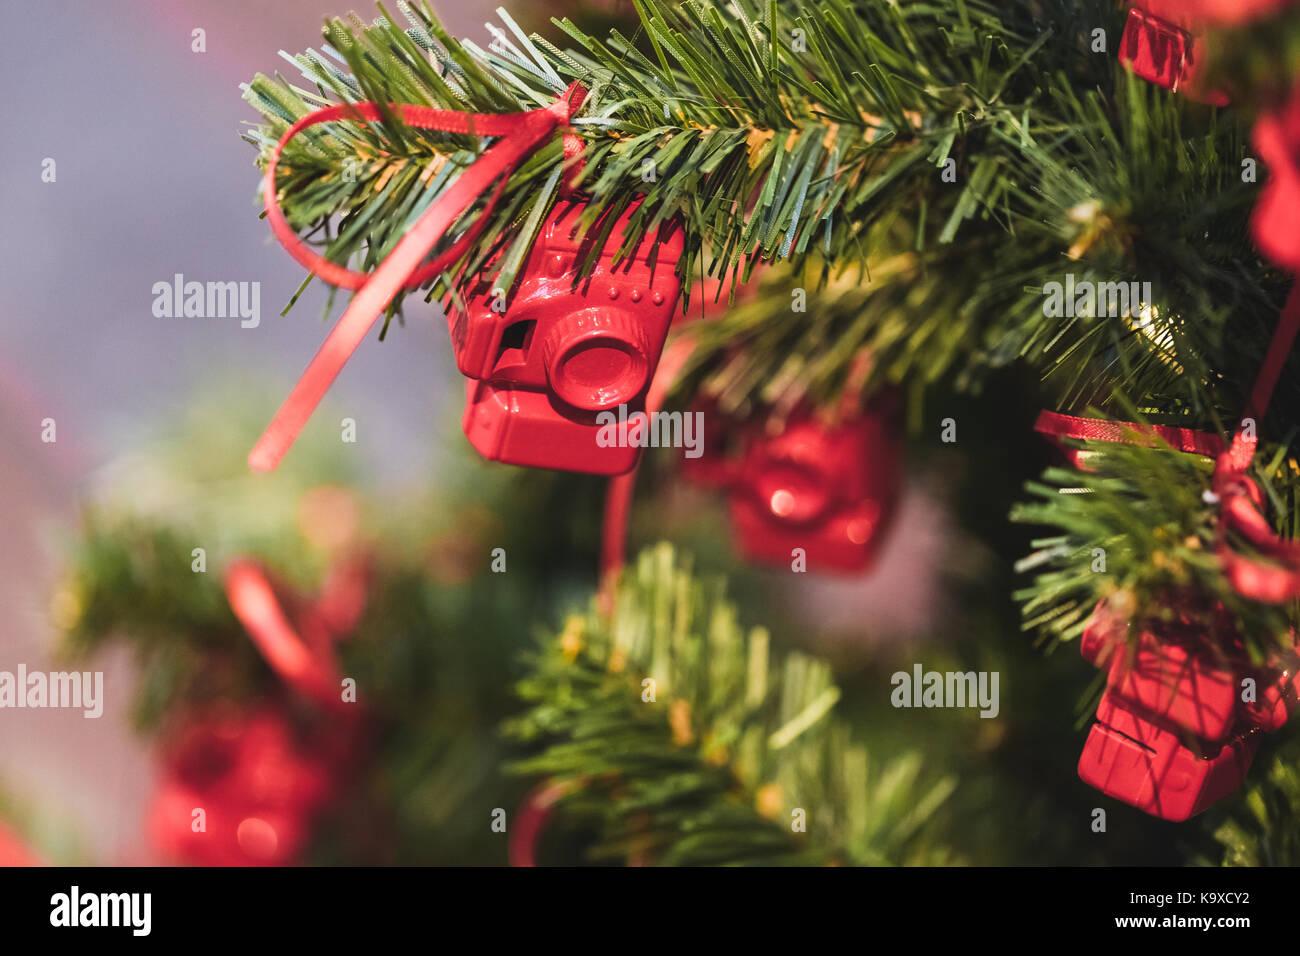 Albero Di Natale Decorato Con Piccole Figure Di Rosso Le Macchine